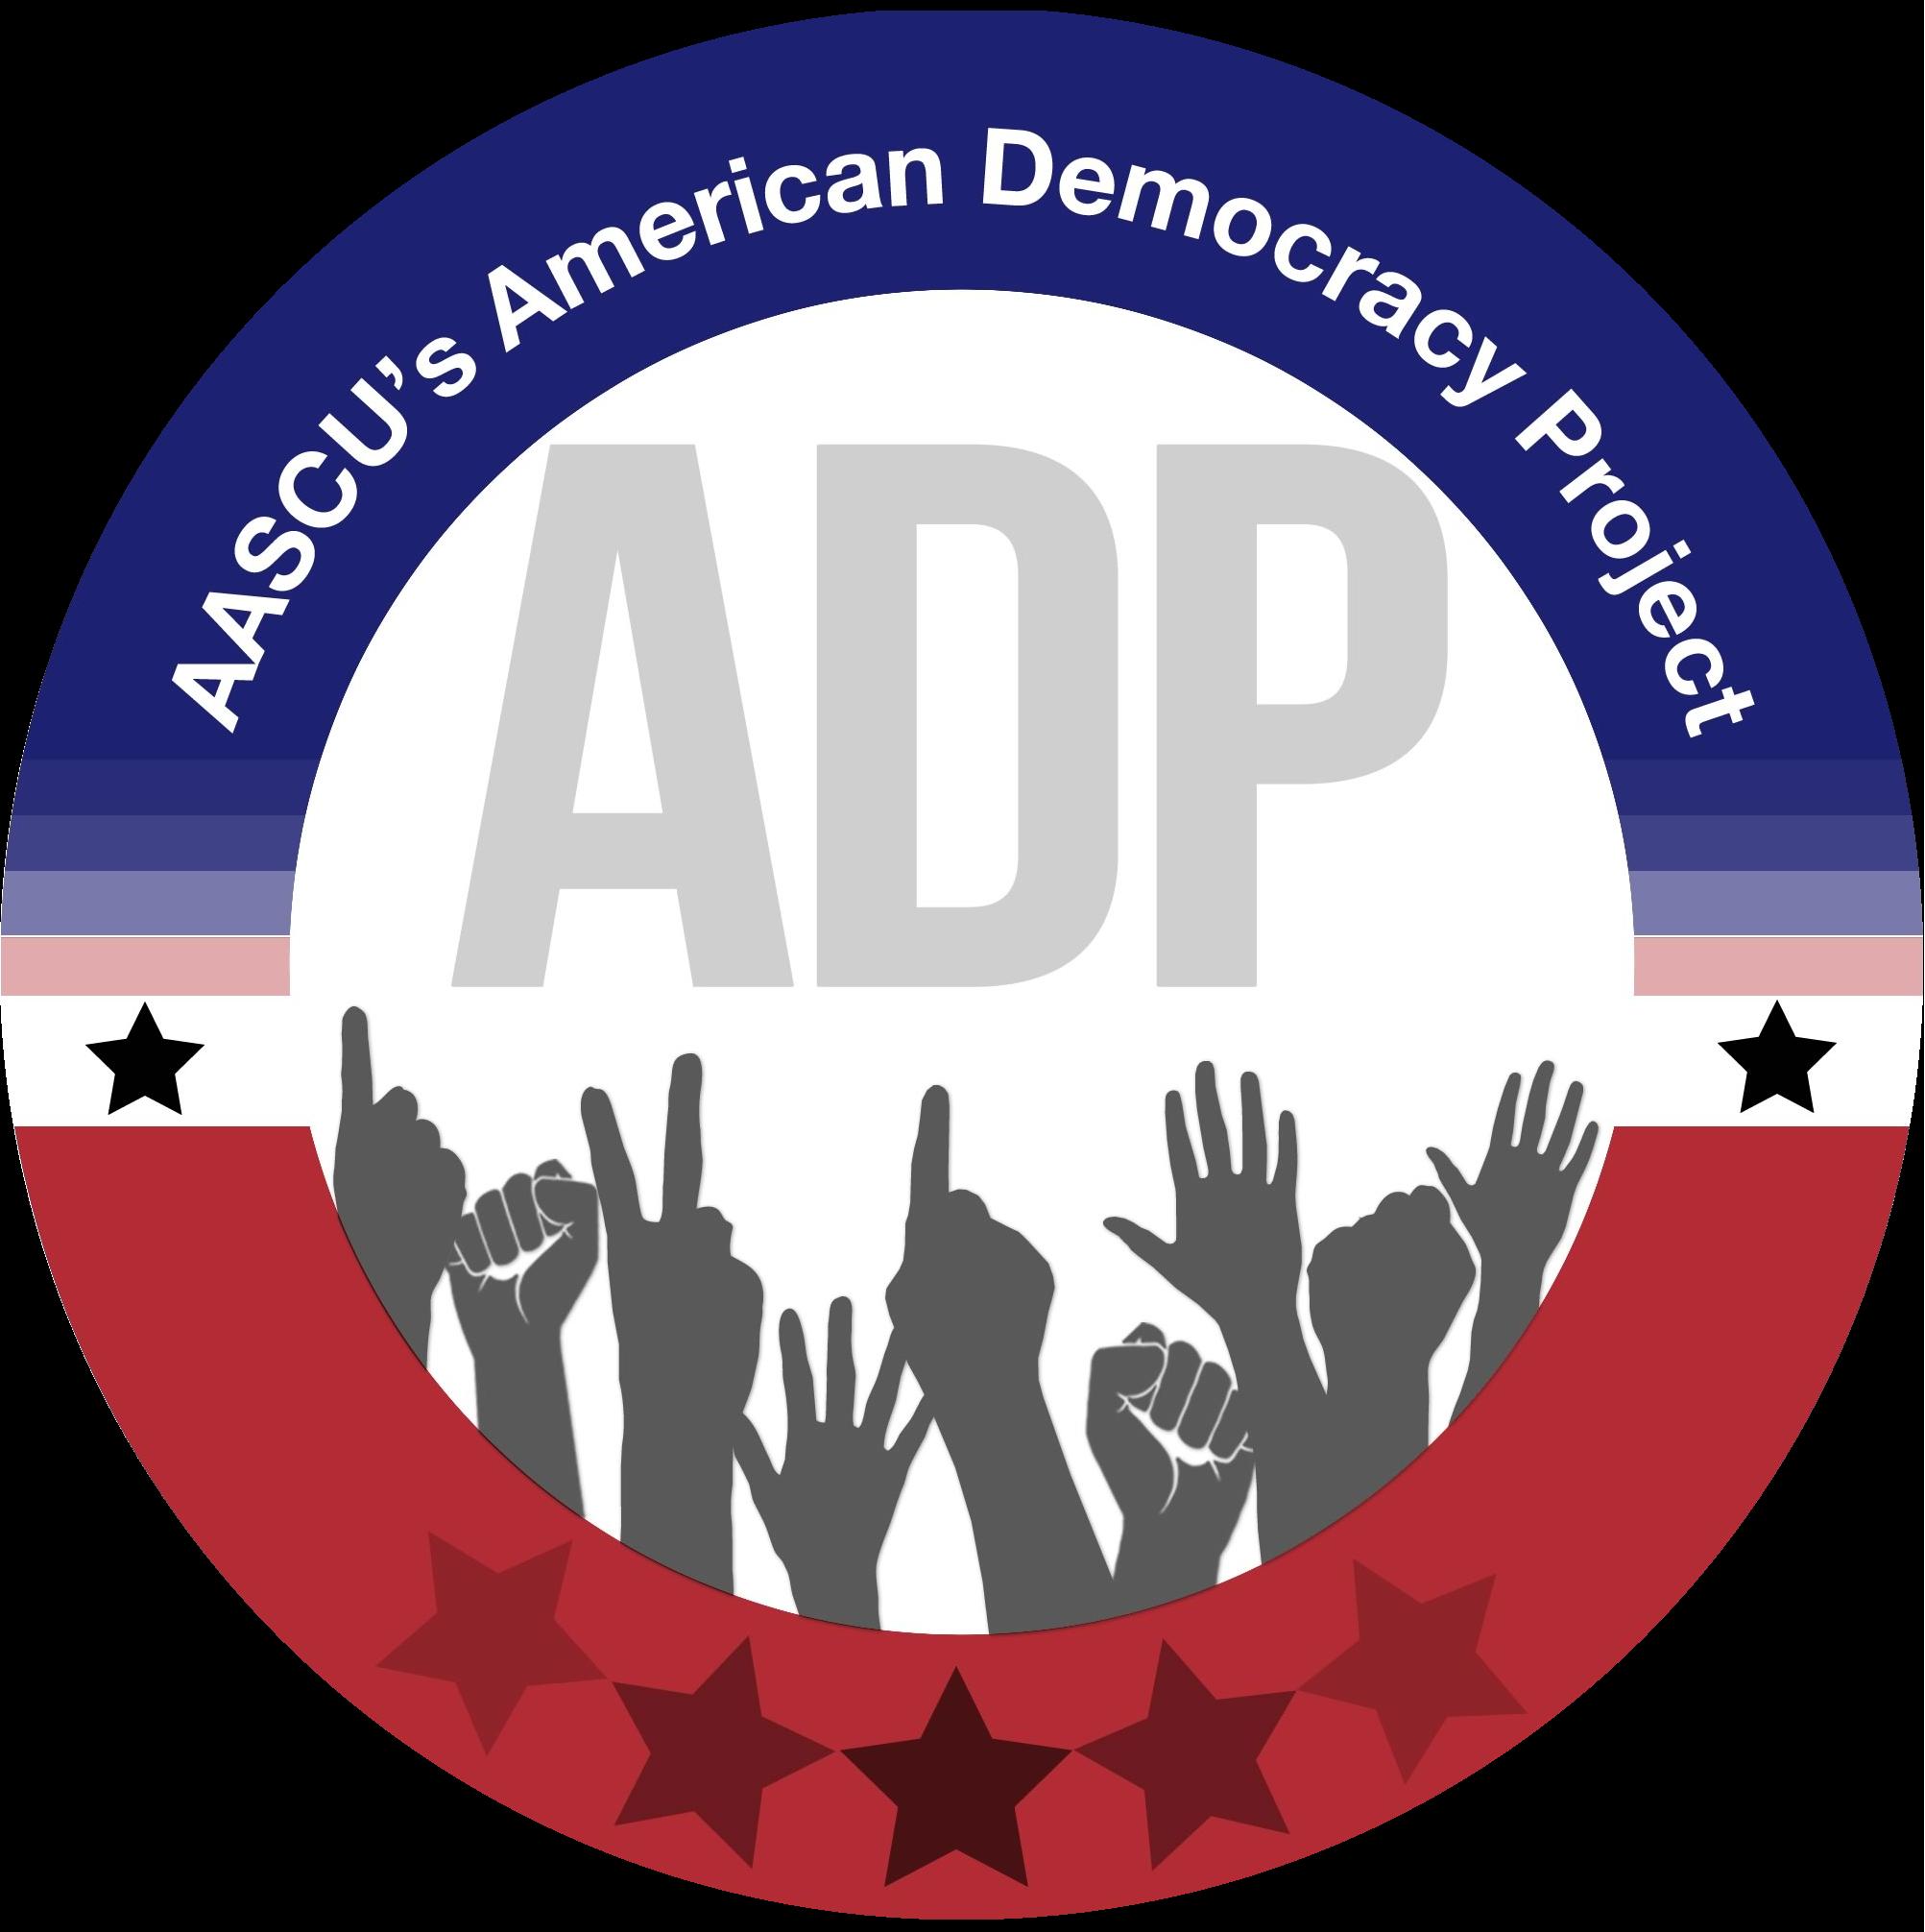 Democracy clipart culture american. Project at uw oshkosh